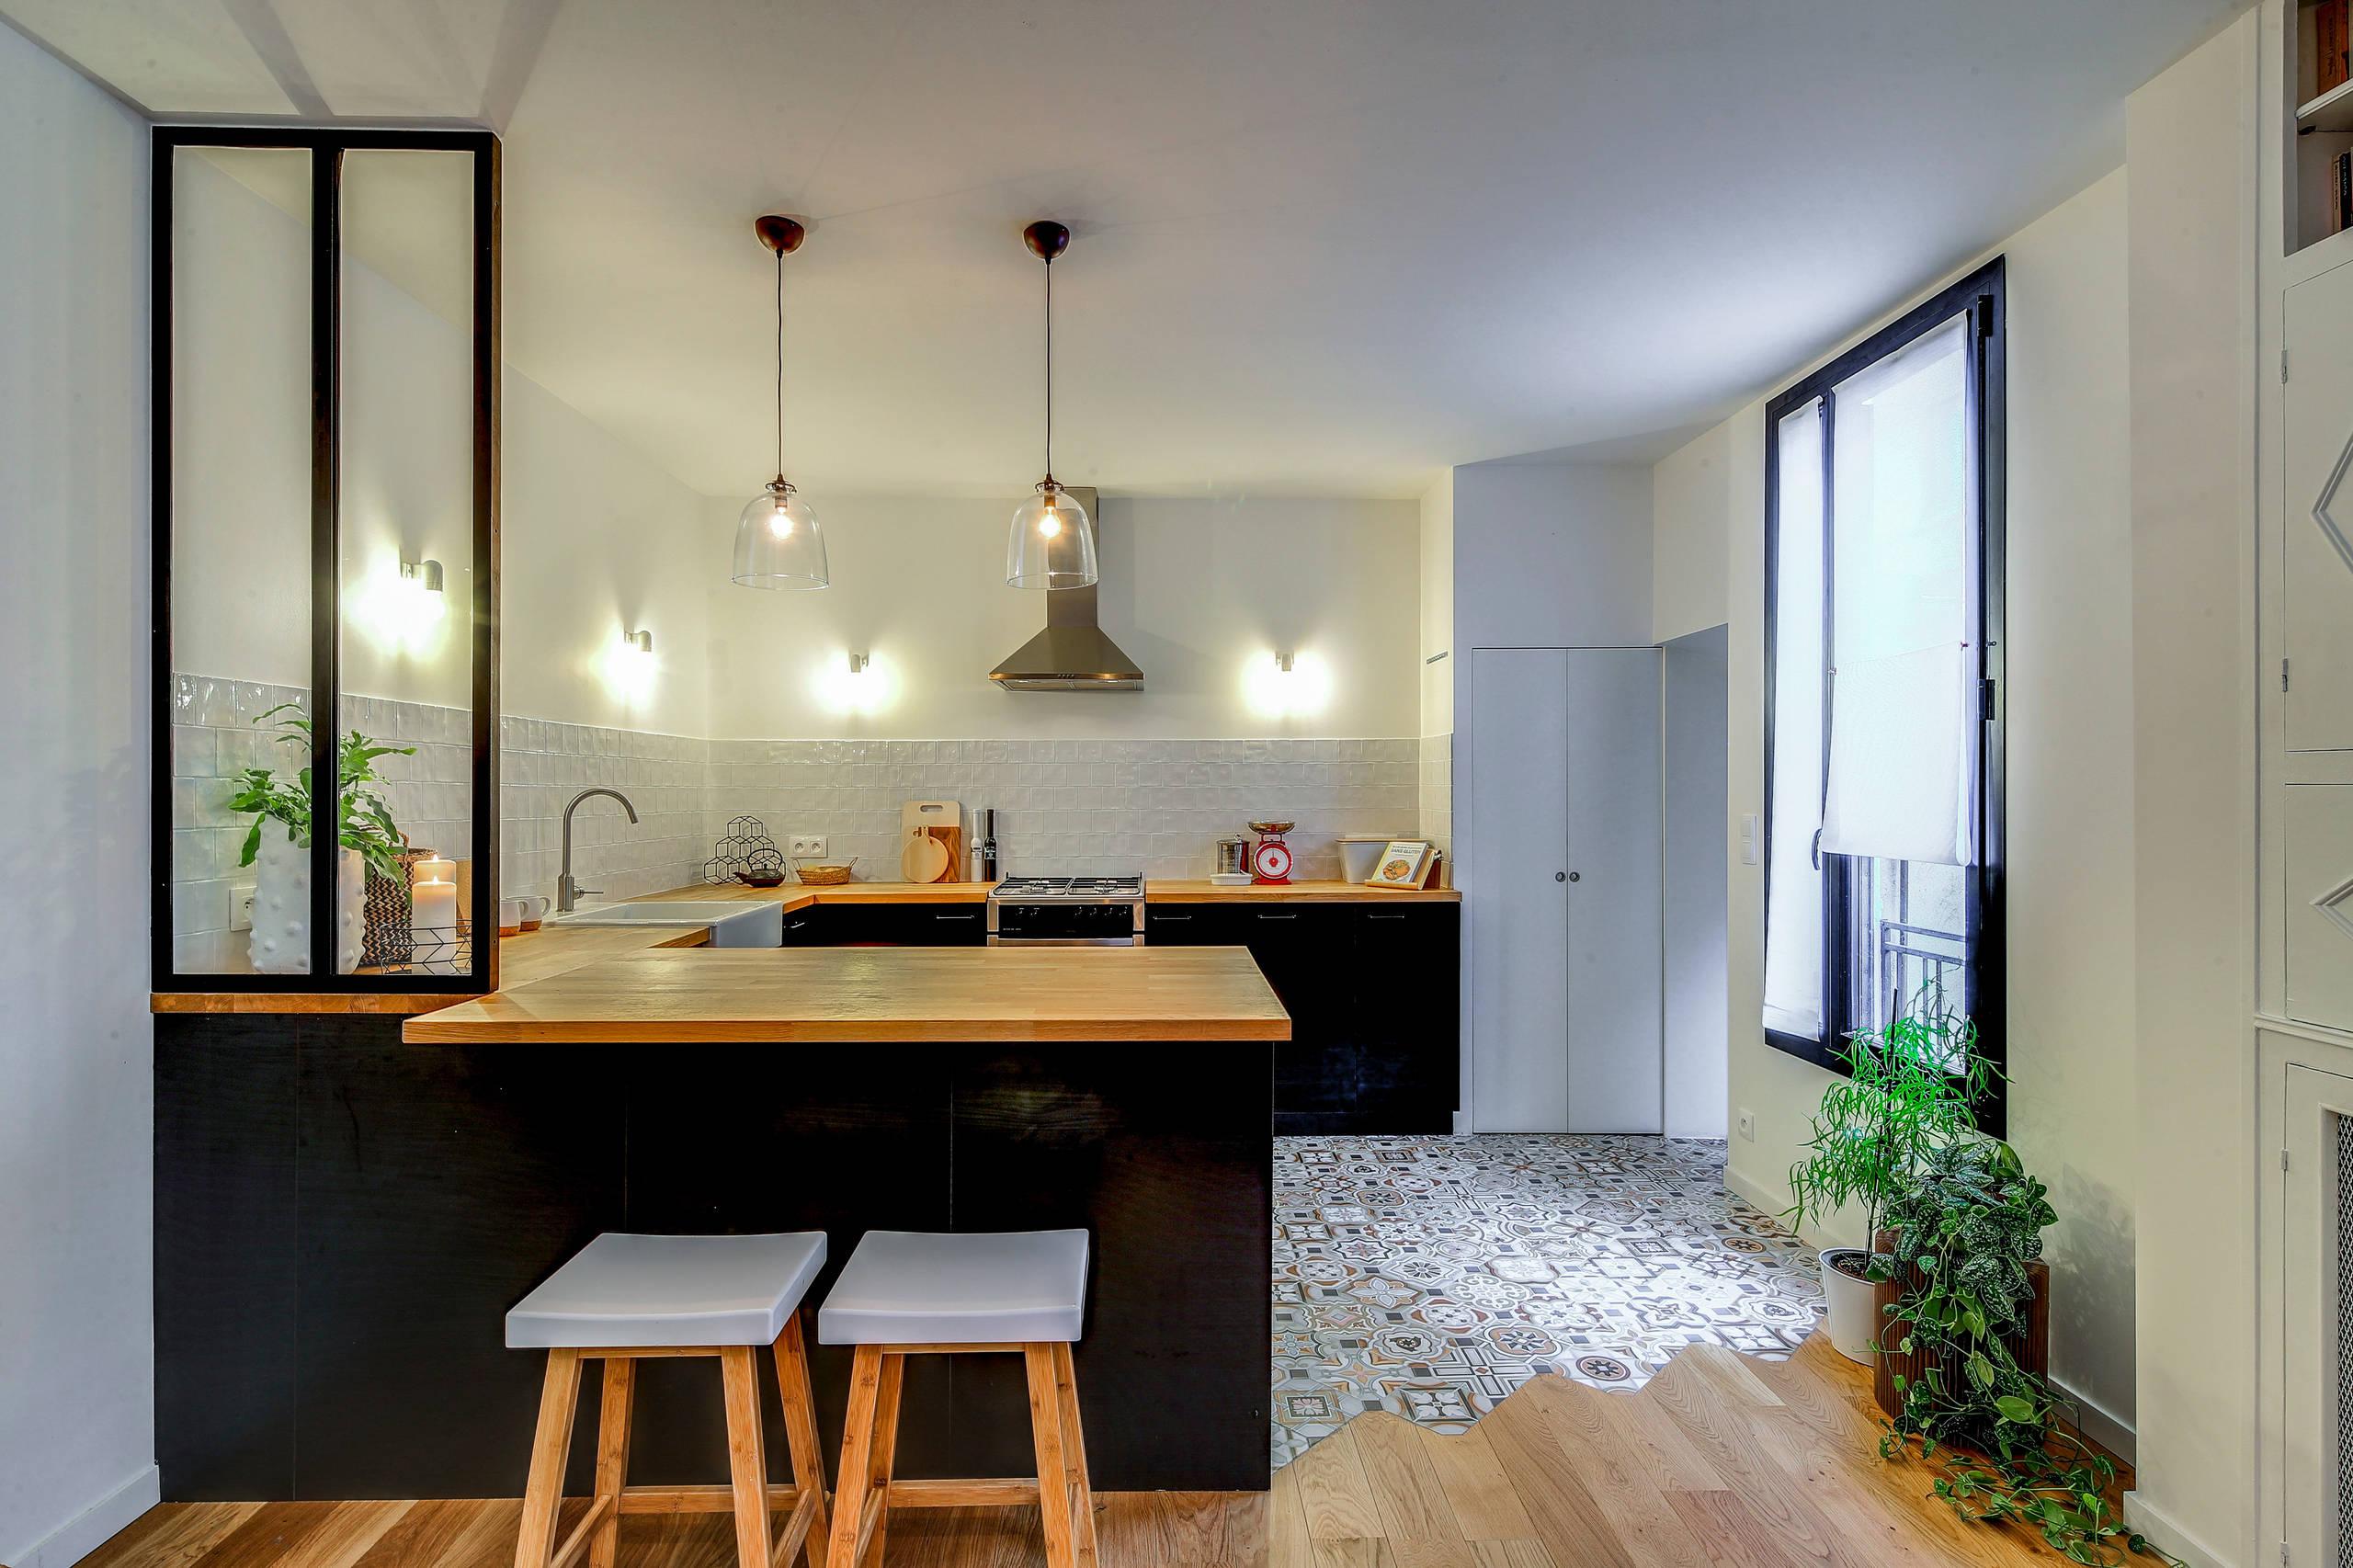 Rénovation complète du rez-de-chaussée d'une maison à Aubervilliers